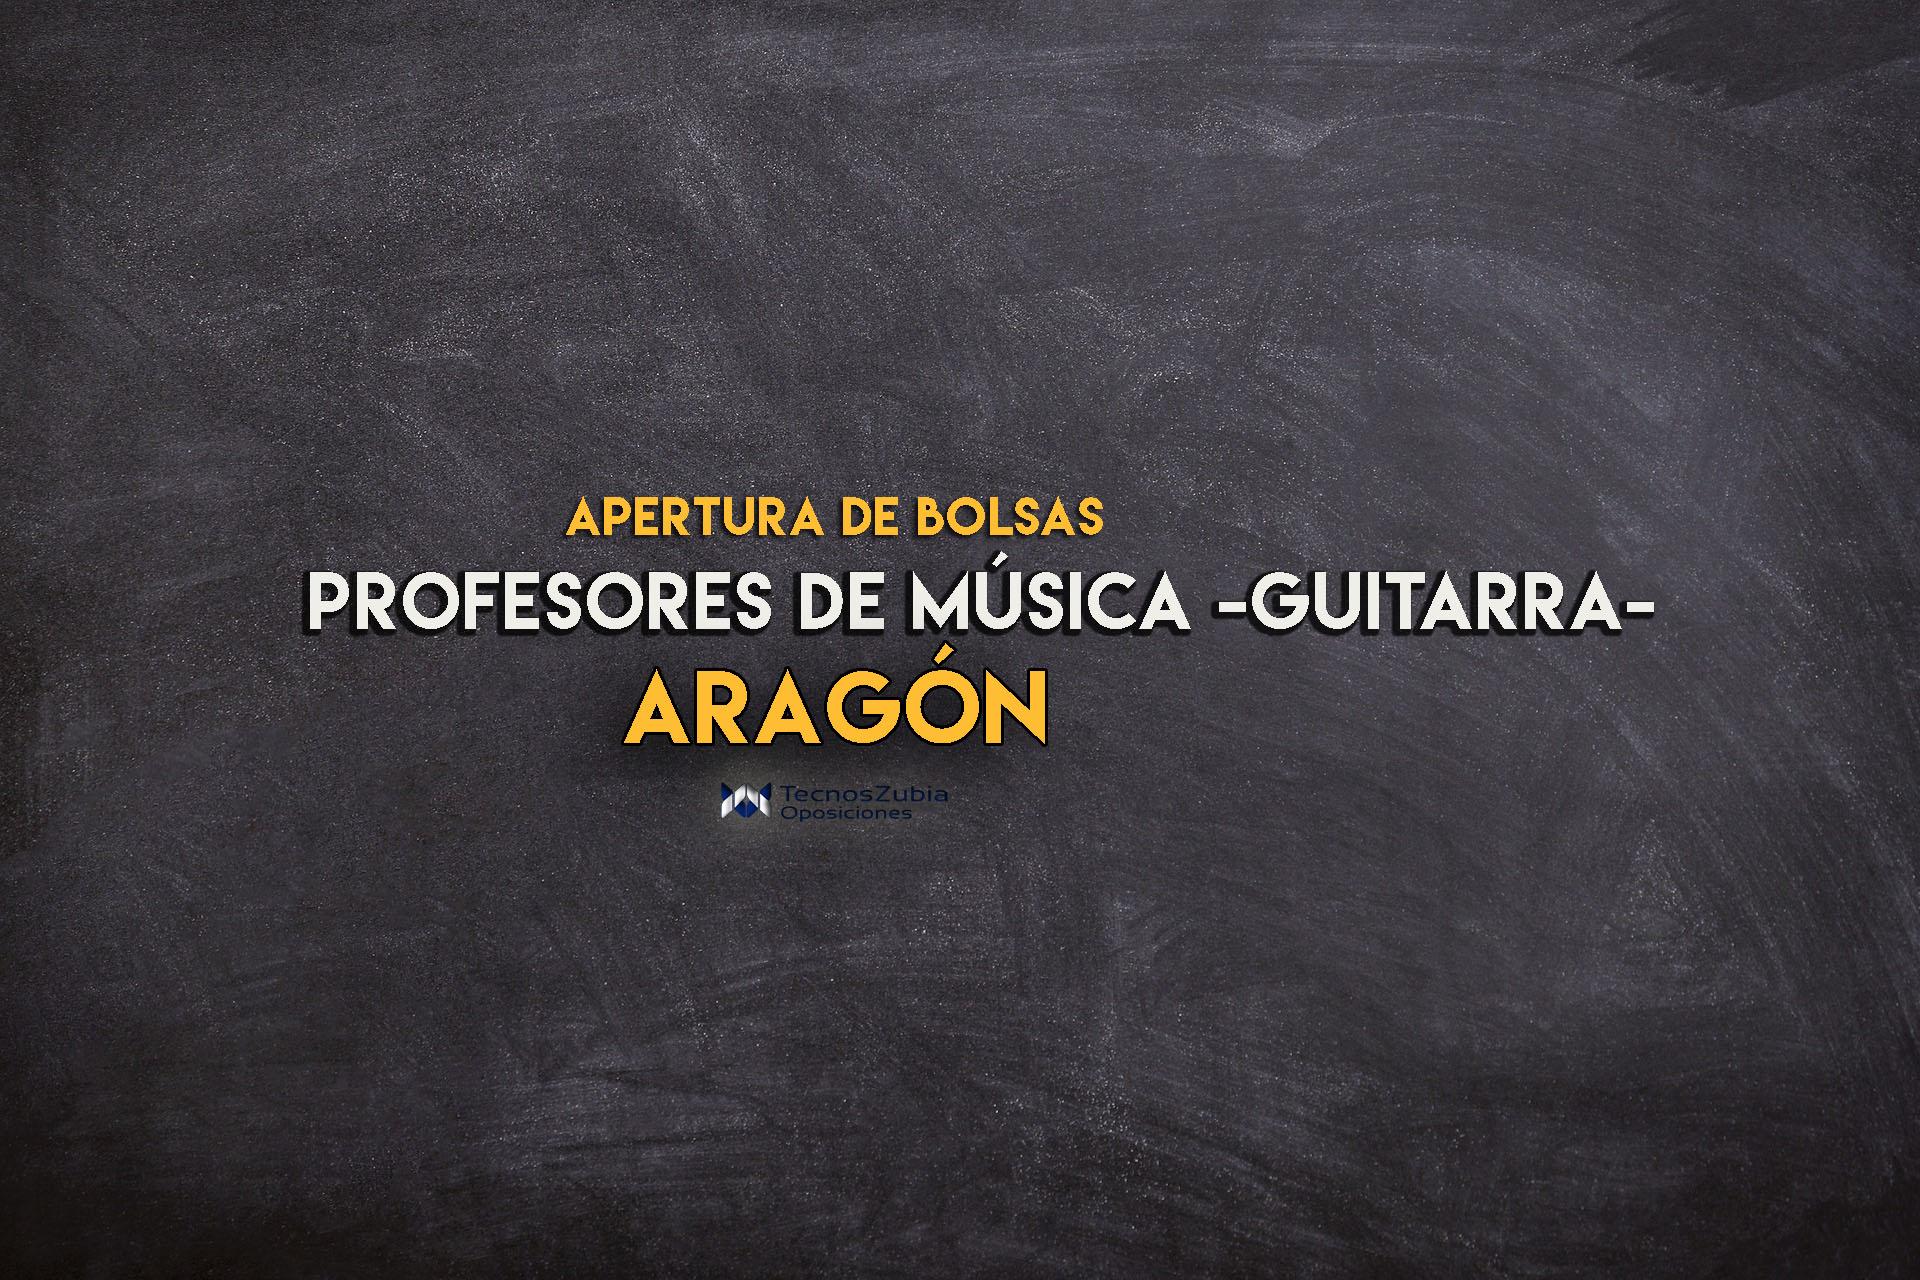 nueva bolsa para profesores de musica en Aragón